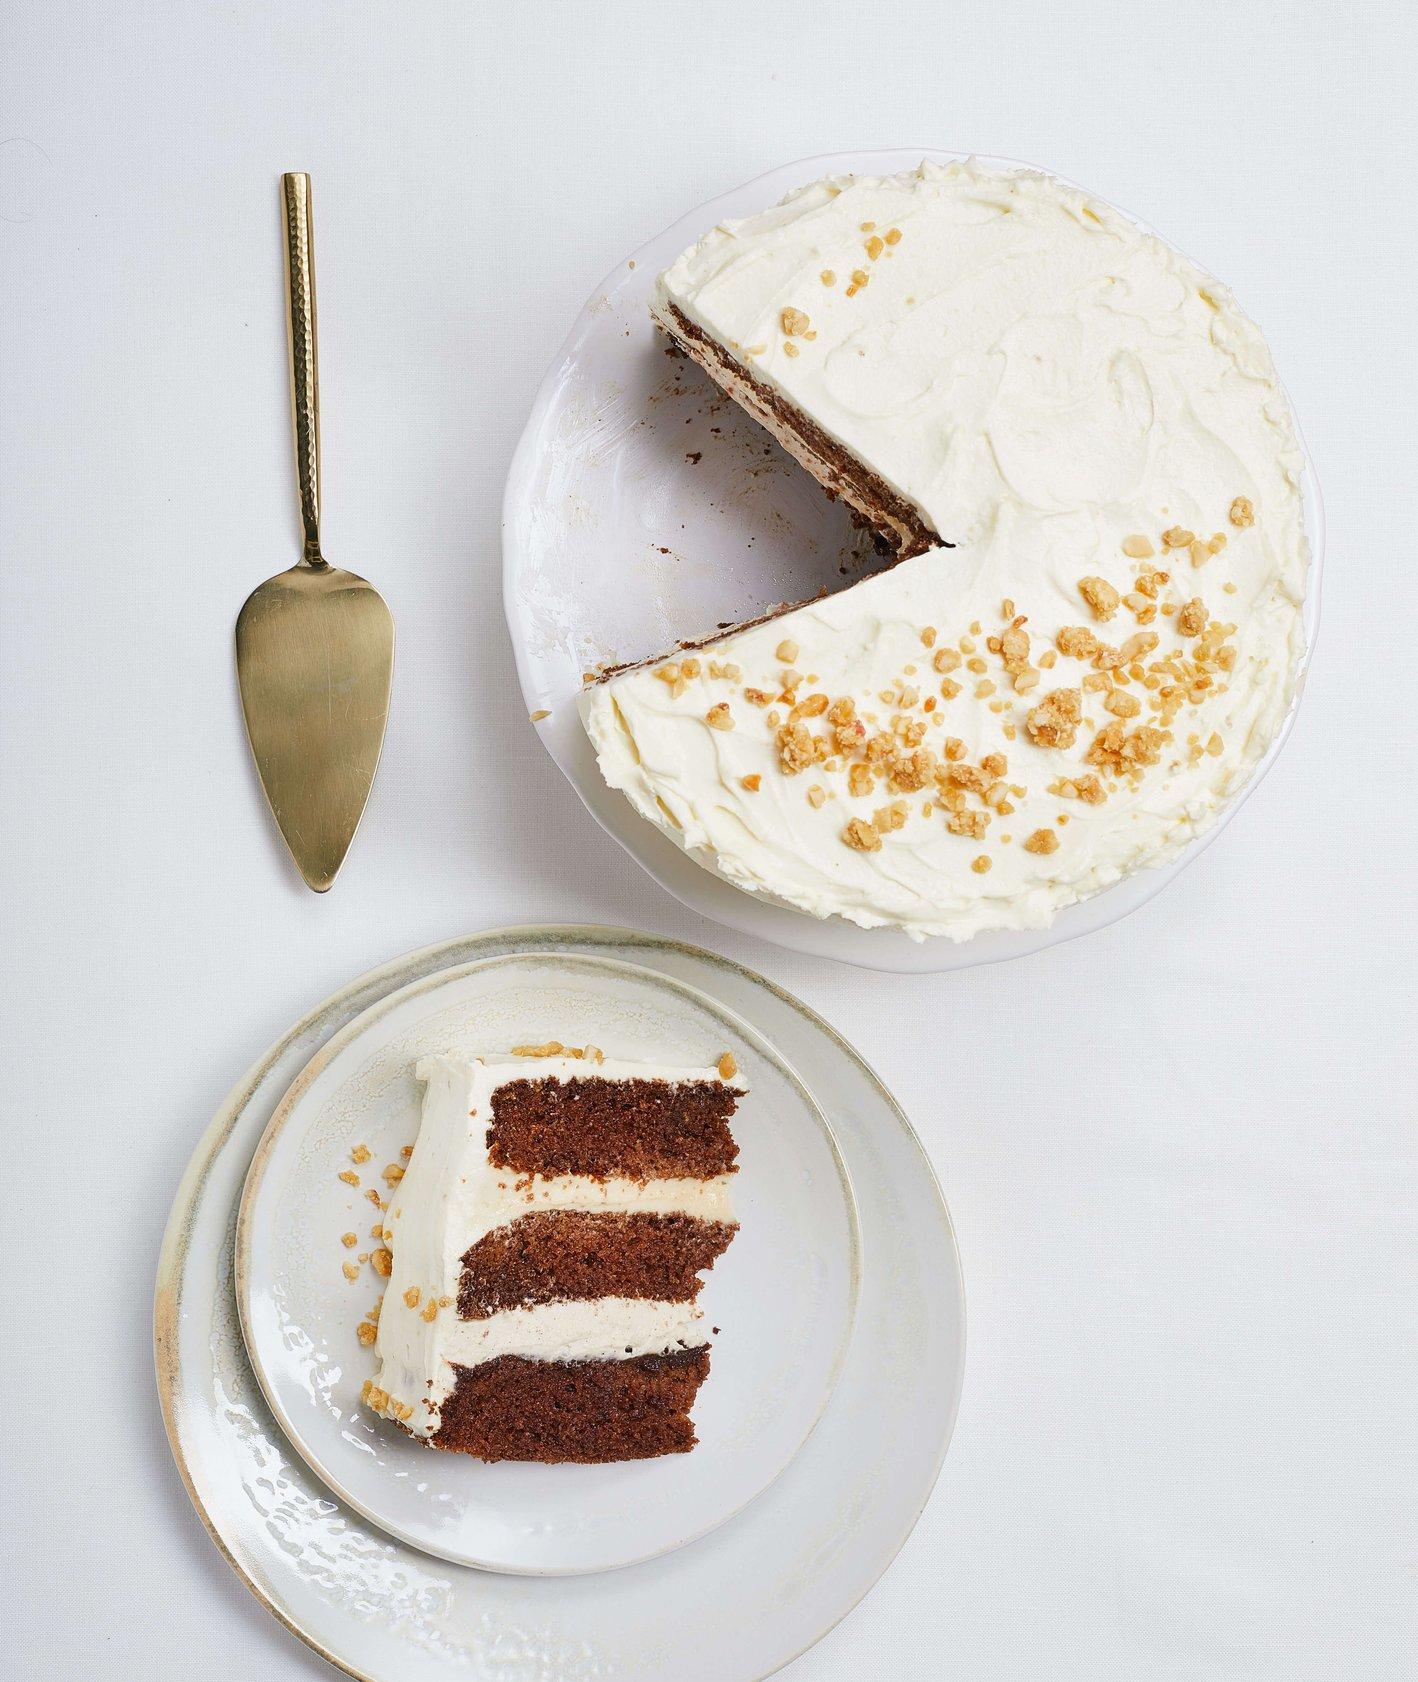 Tort piernikowy z orzechami i korzennymi przyprawami (fot. Maciek Niemojewski)